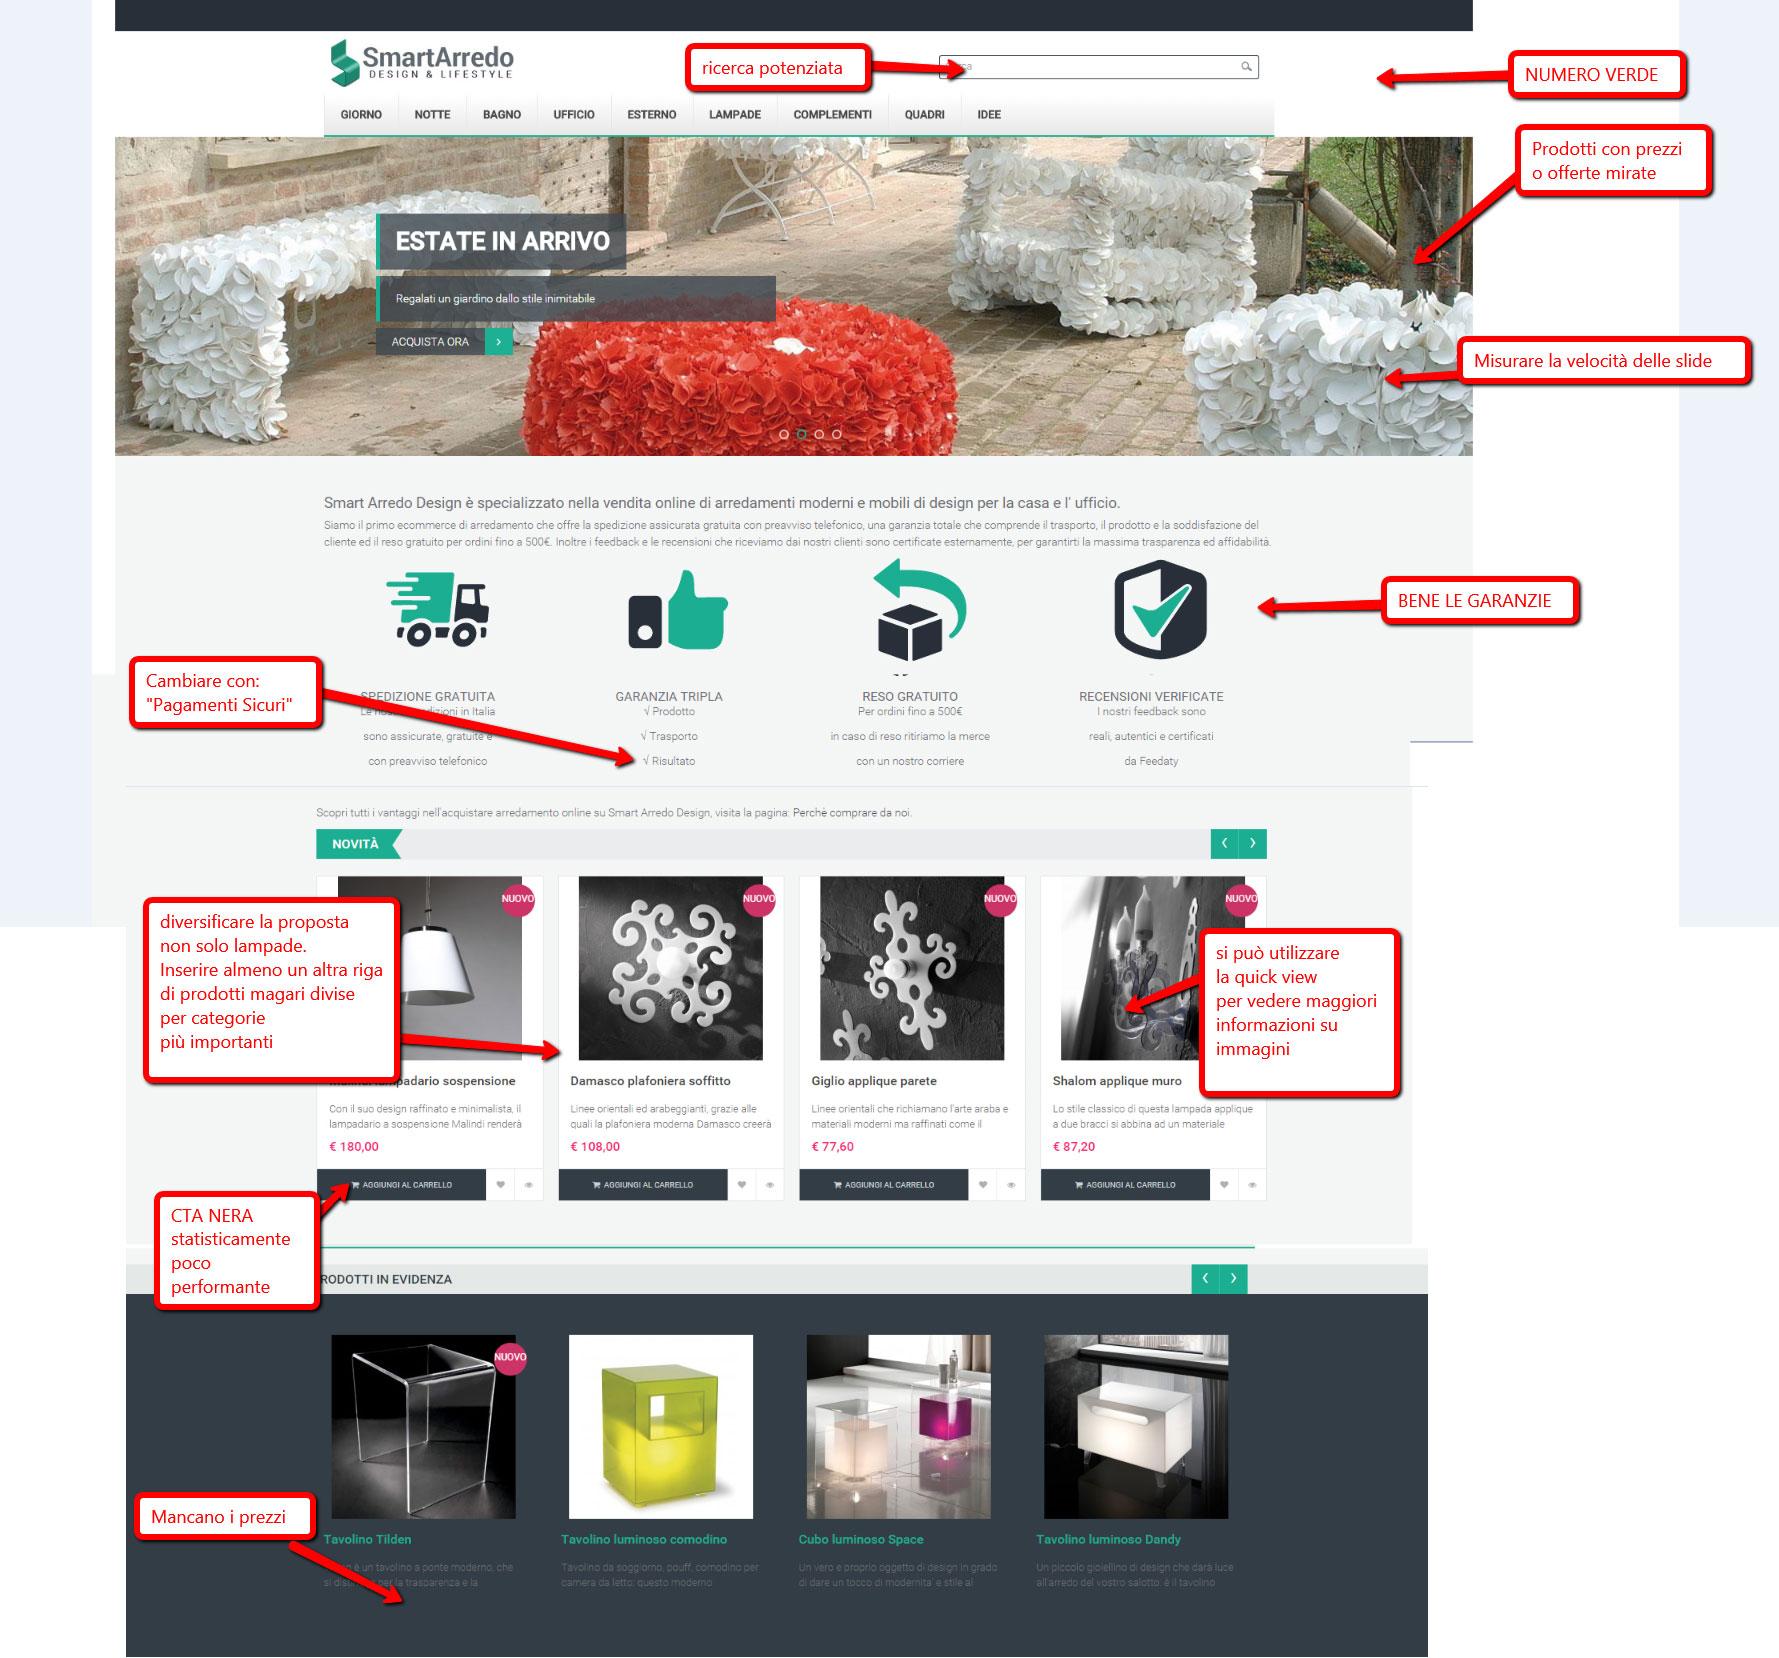 Recensione Smartarredodesign Com Ecommerce Arredamento E Complementi